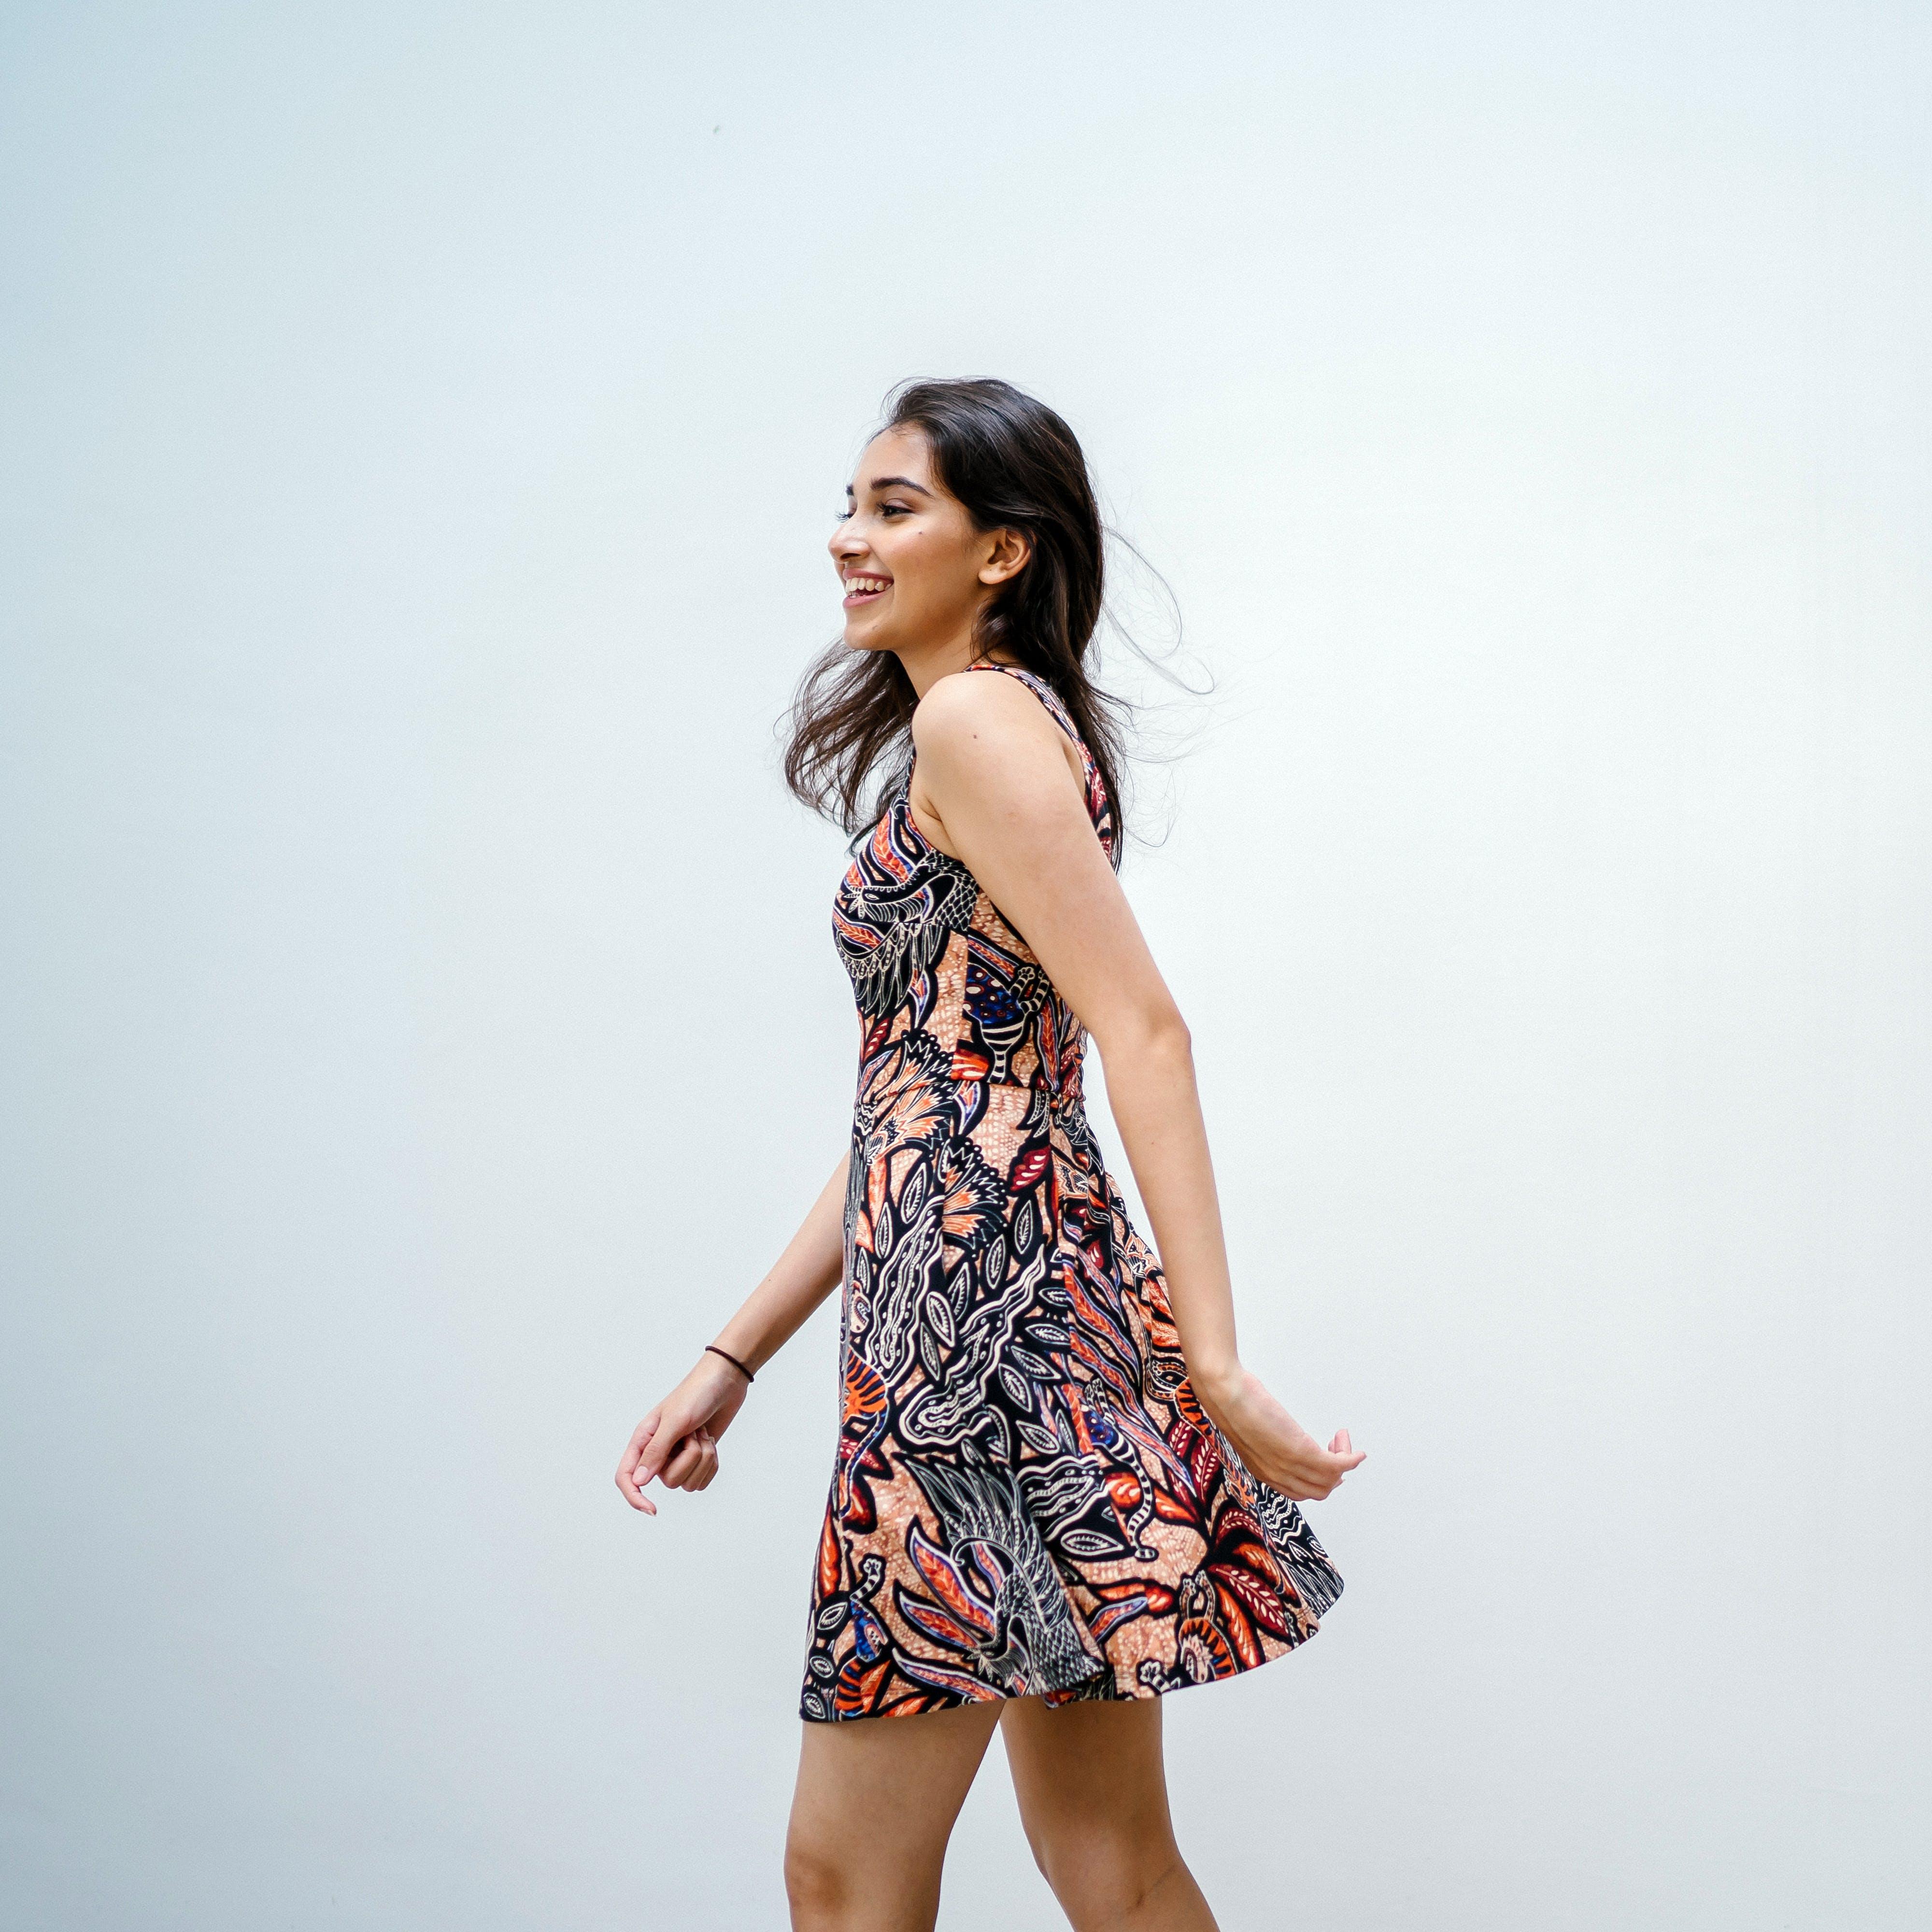 Photo of a Woman Wearing a Dress